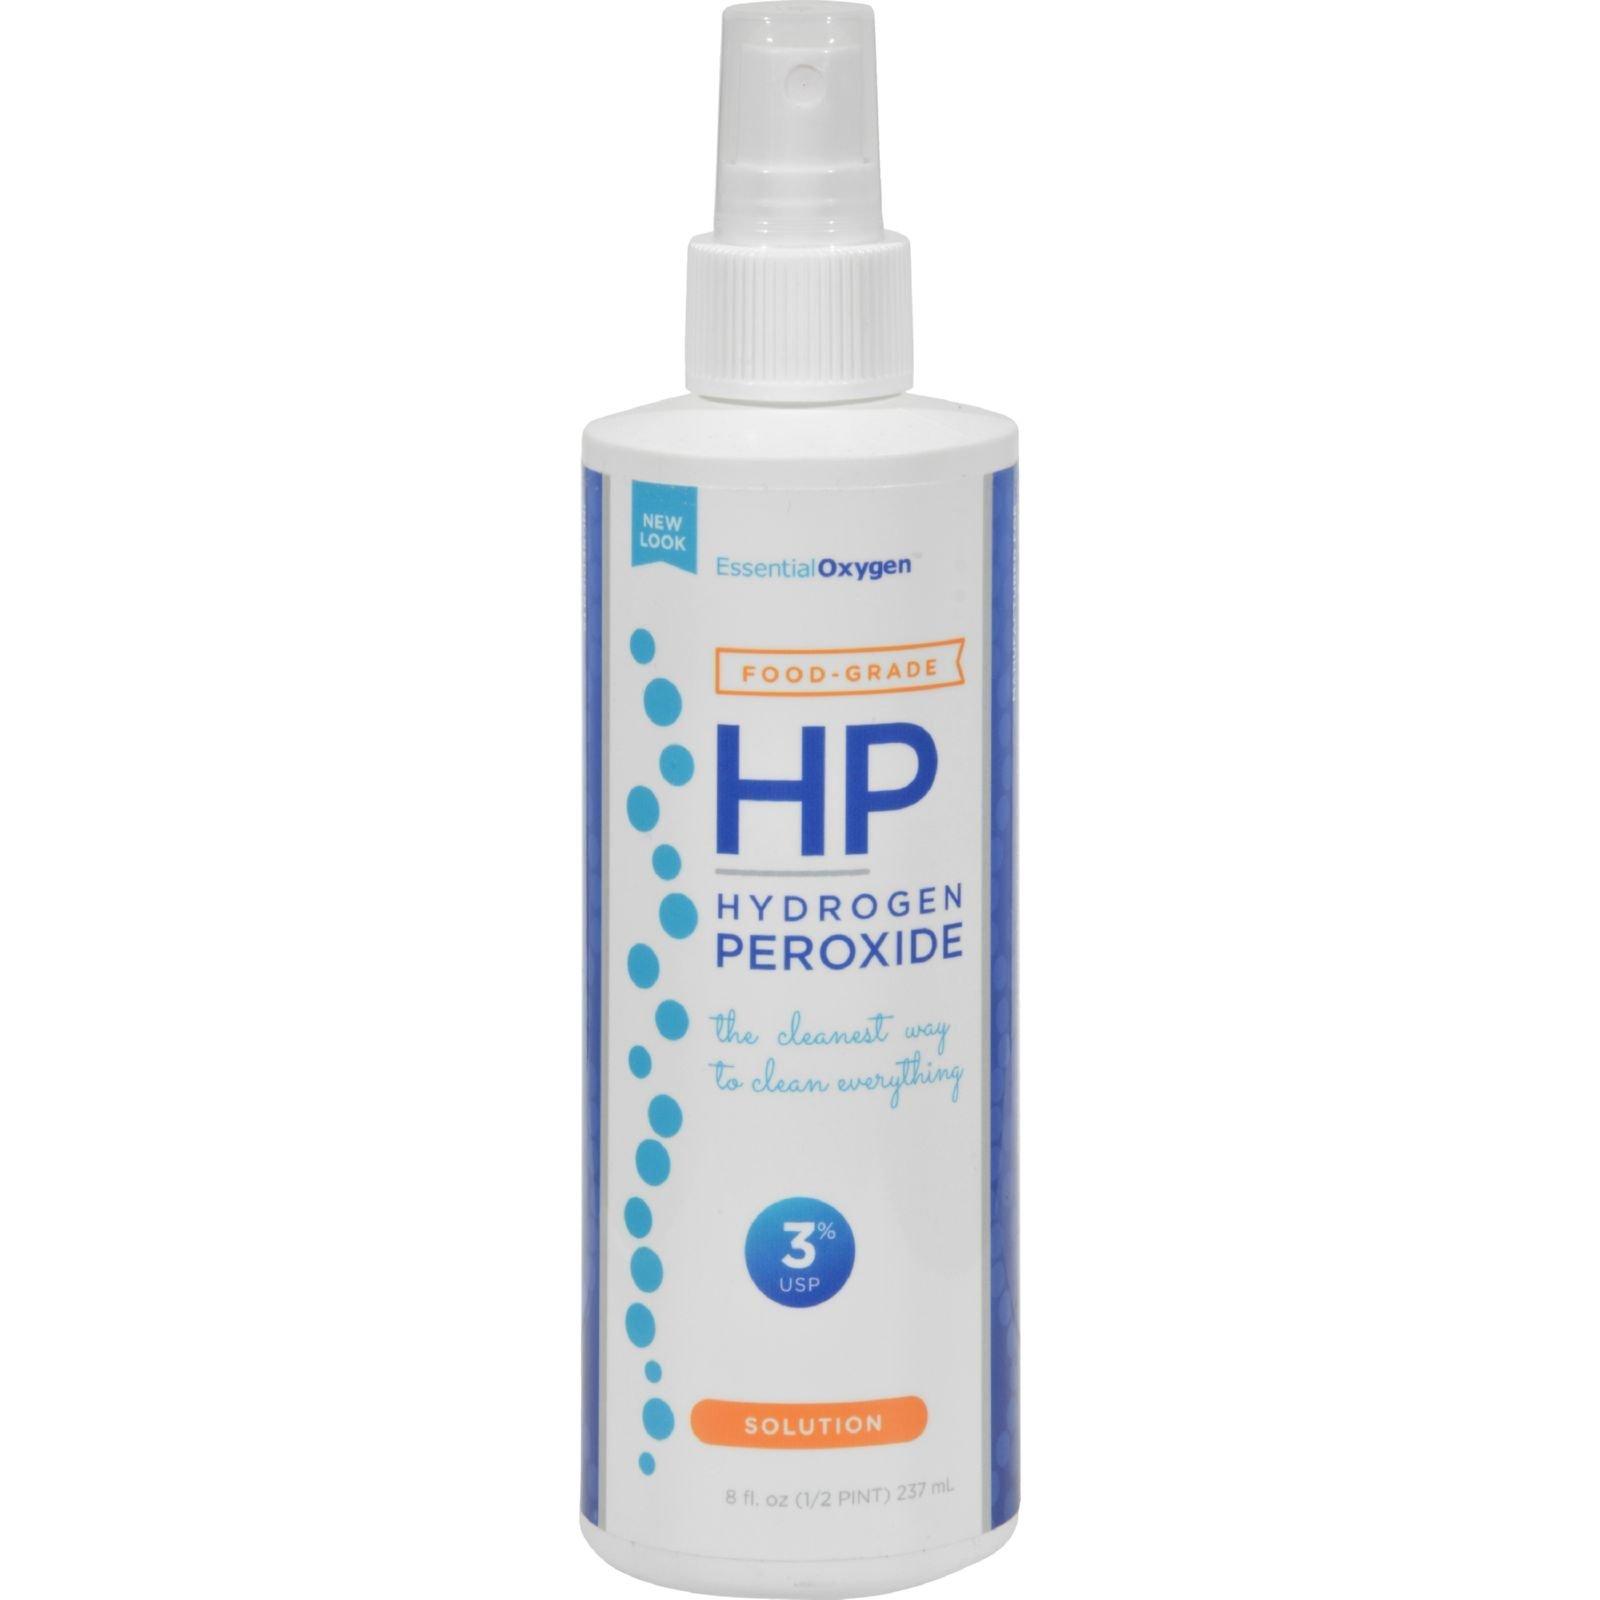 Essential Oxygen 3% Food Grade Hydrogen Peroxide, 8 Ounce